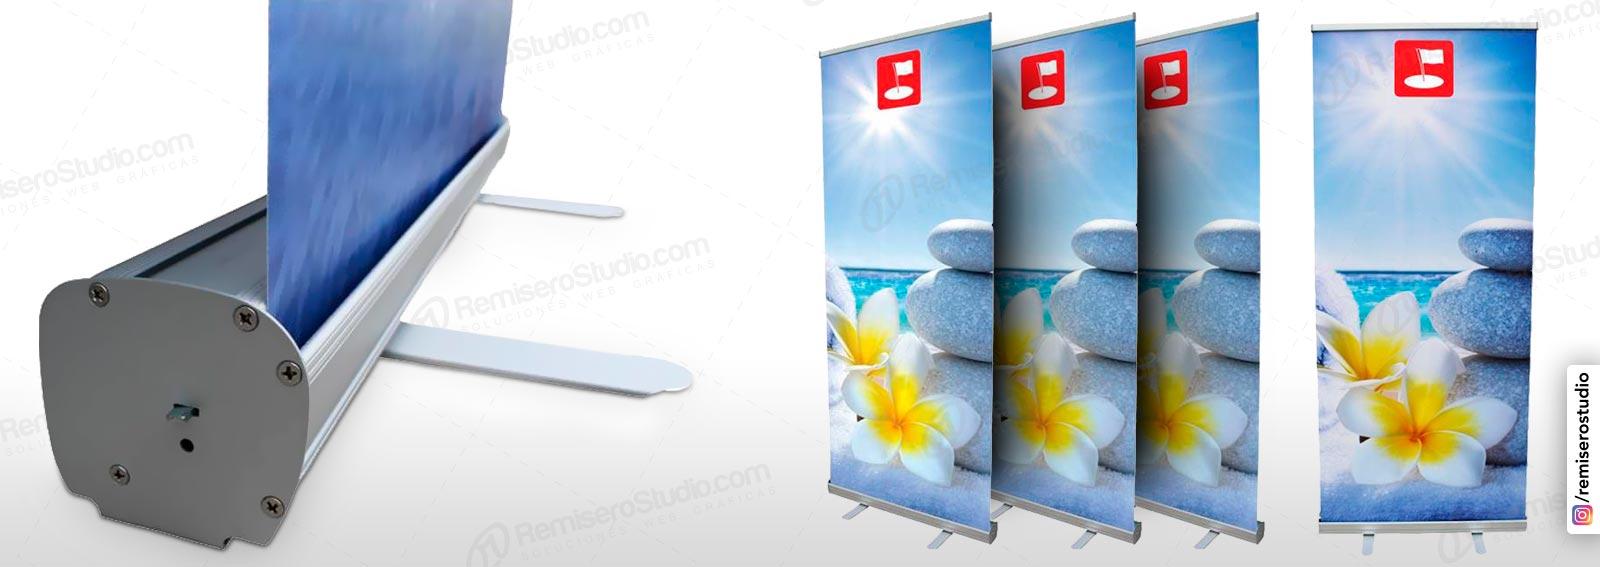 Roll Up banner o Roll Screen de 0.85 x 2.0 metros: Parante publicitario de aluminio para banner impreso a full color en alta resolución: 1440 dpi, incluye maletín